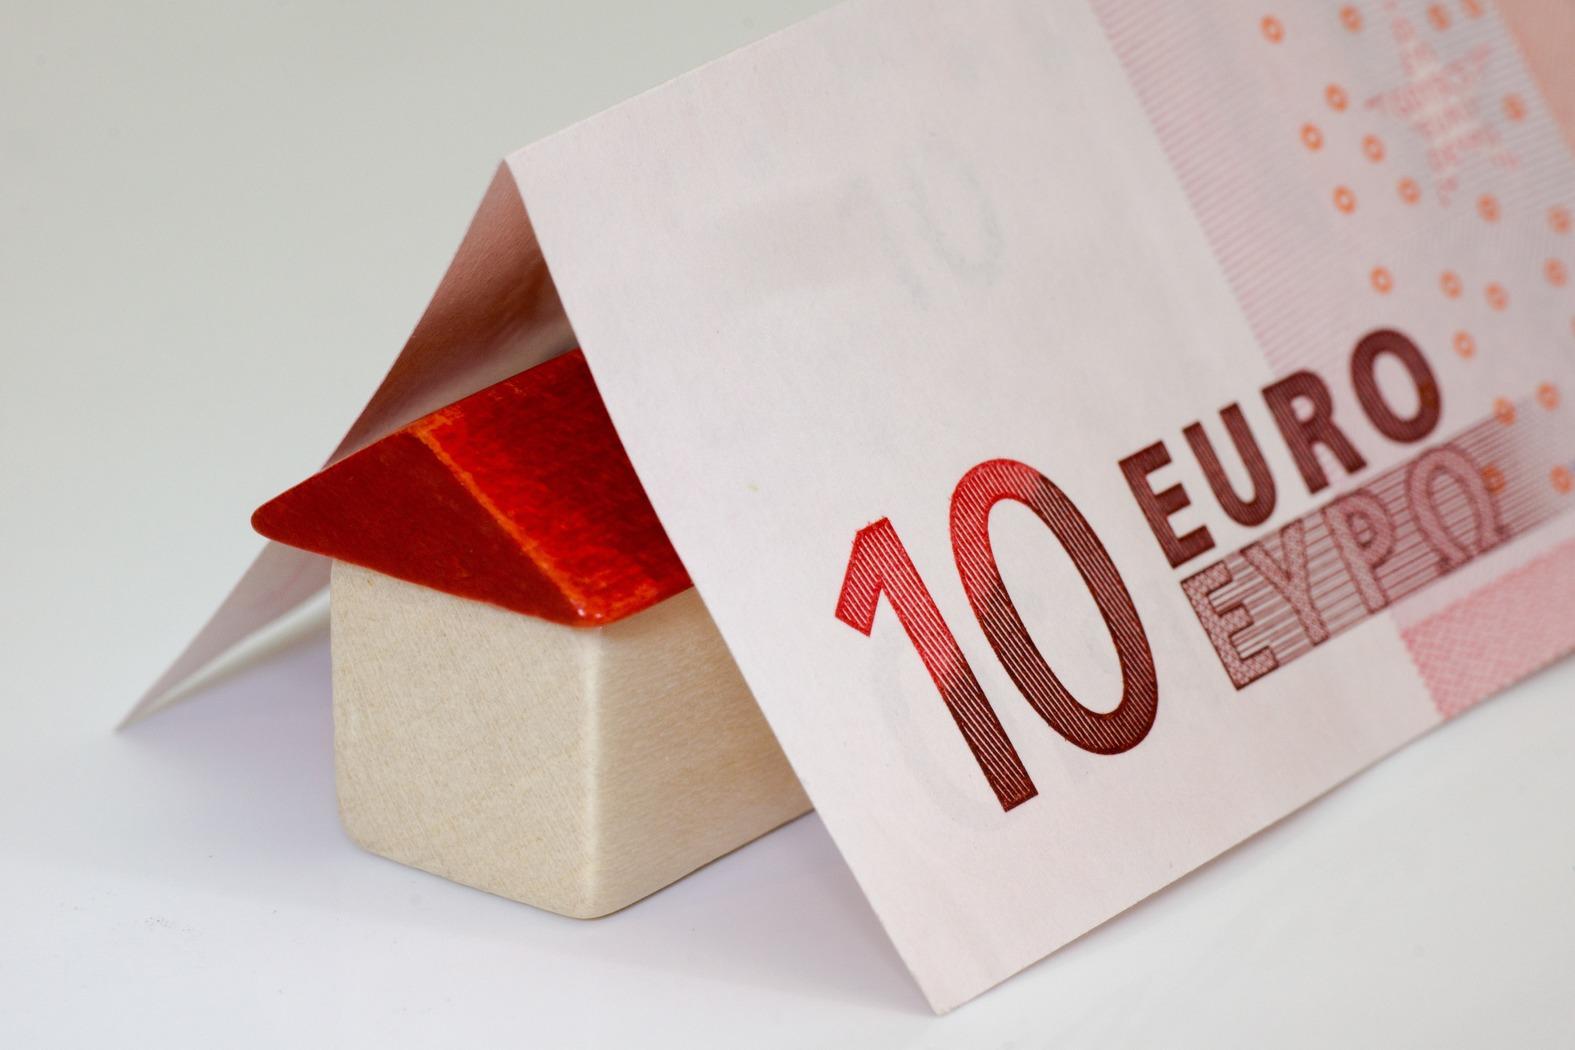 Crédito hipotecario, préstamo hipotecario, garantía hipotecaria y todas las variantes de las hipotecas